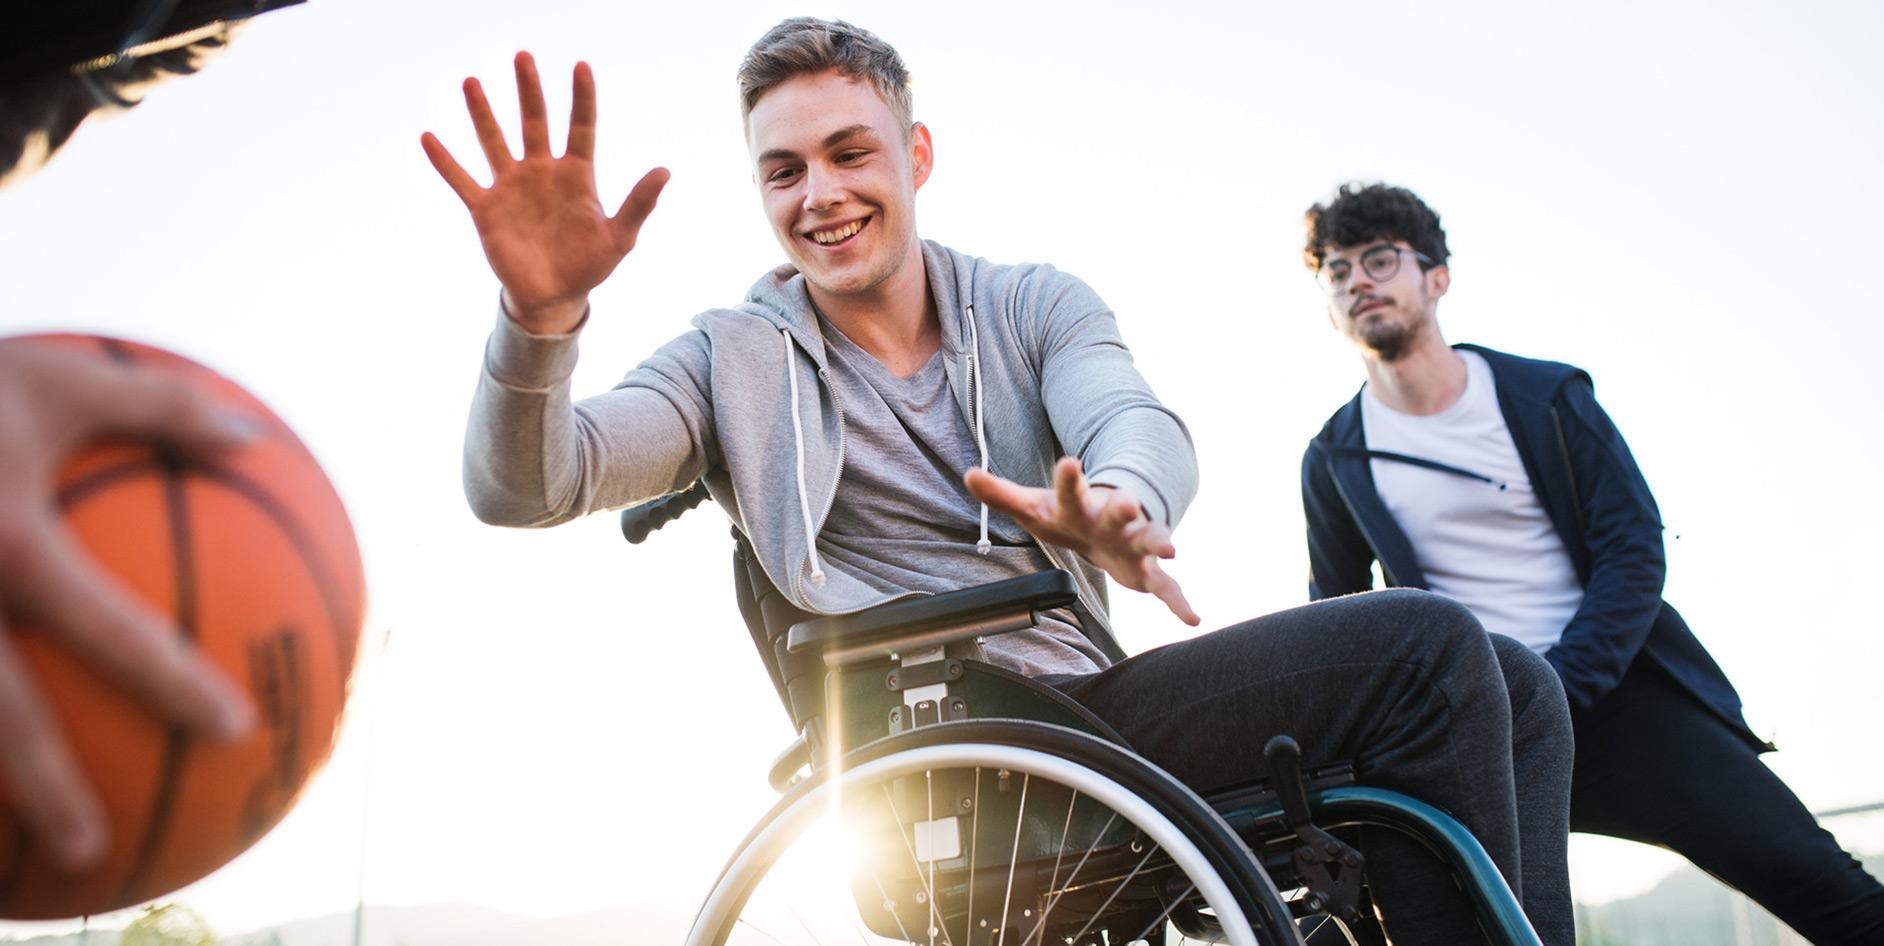 Die EAM-Stiftung fördert in diesem Jahr Projekte, bei denen der Behinderten- und Rehabilitationssport sowie die Jugend- und Altenhilfe unterstützt werden.